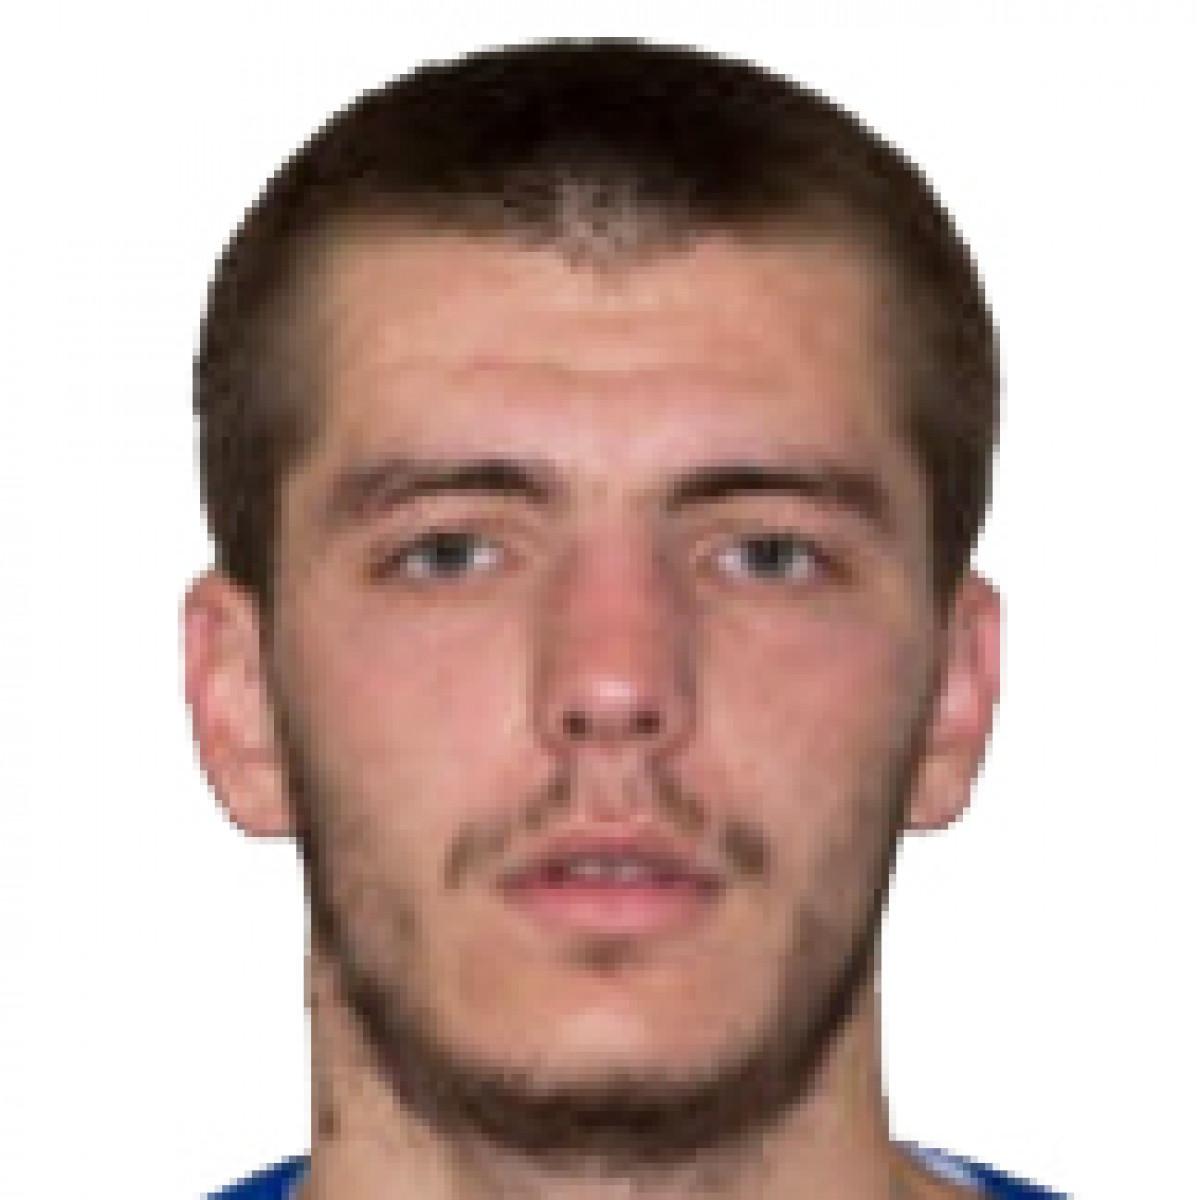 Dzejlan Muratovic